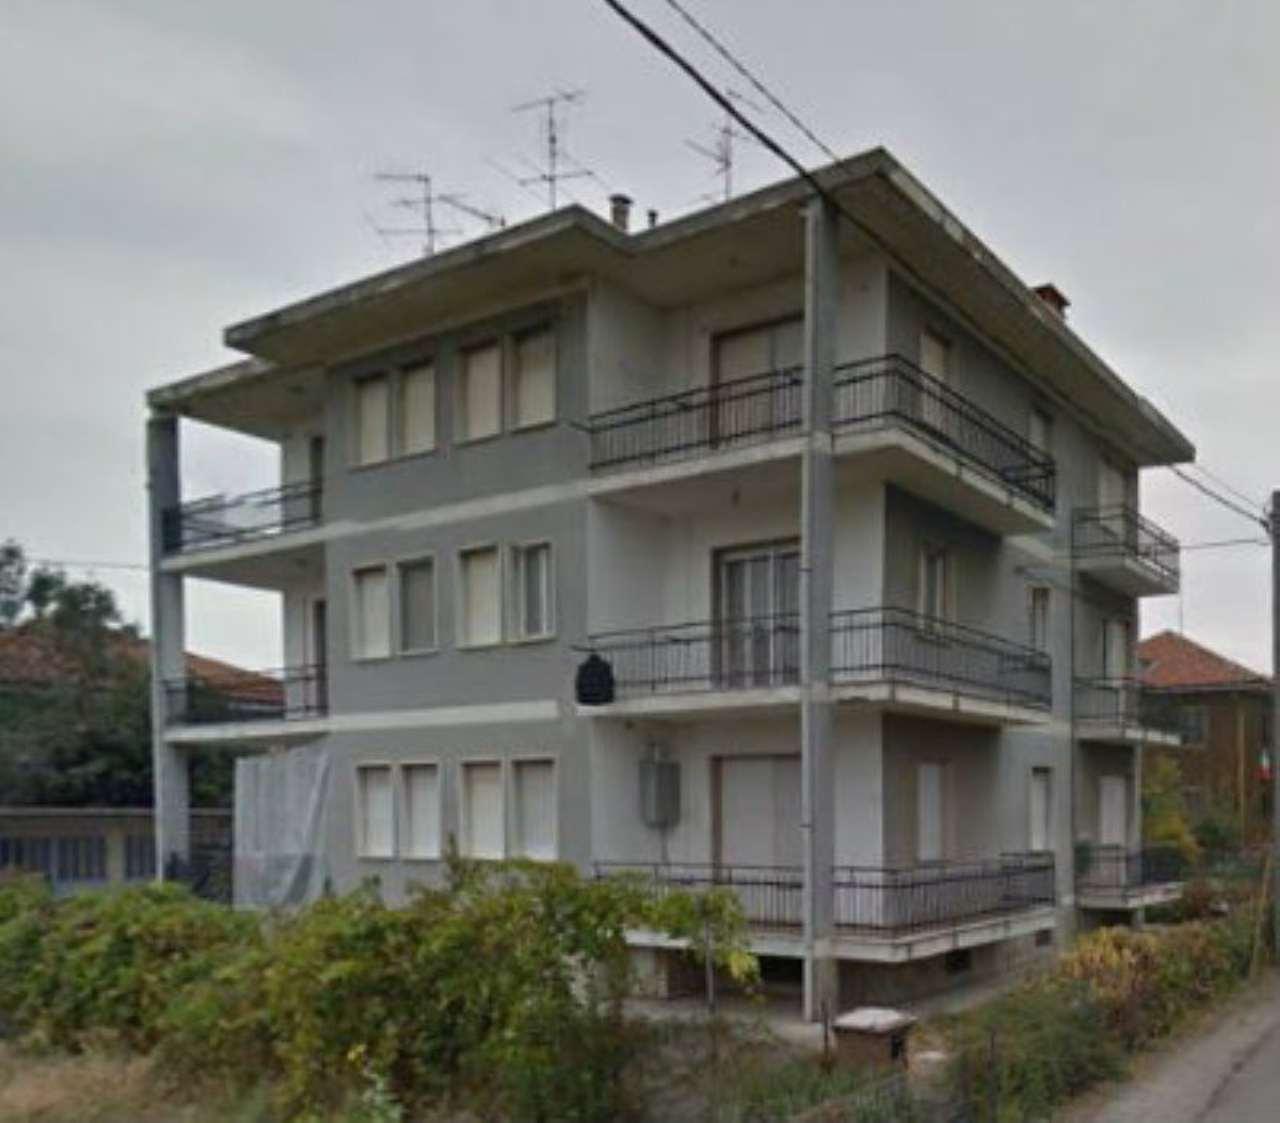 Palazzo / Stabile in vendita a San Maurizio Canavese, 21 locali, prezzo € 340.000 | CambioCasa.it